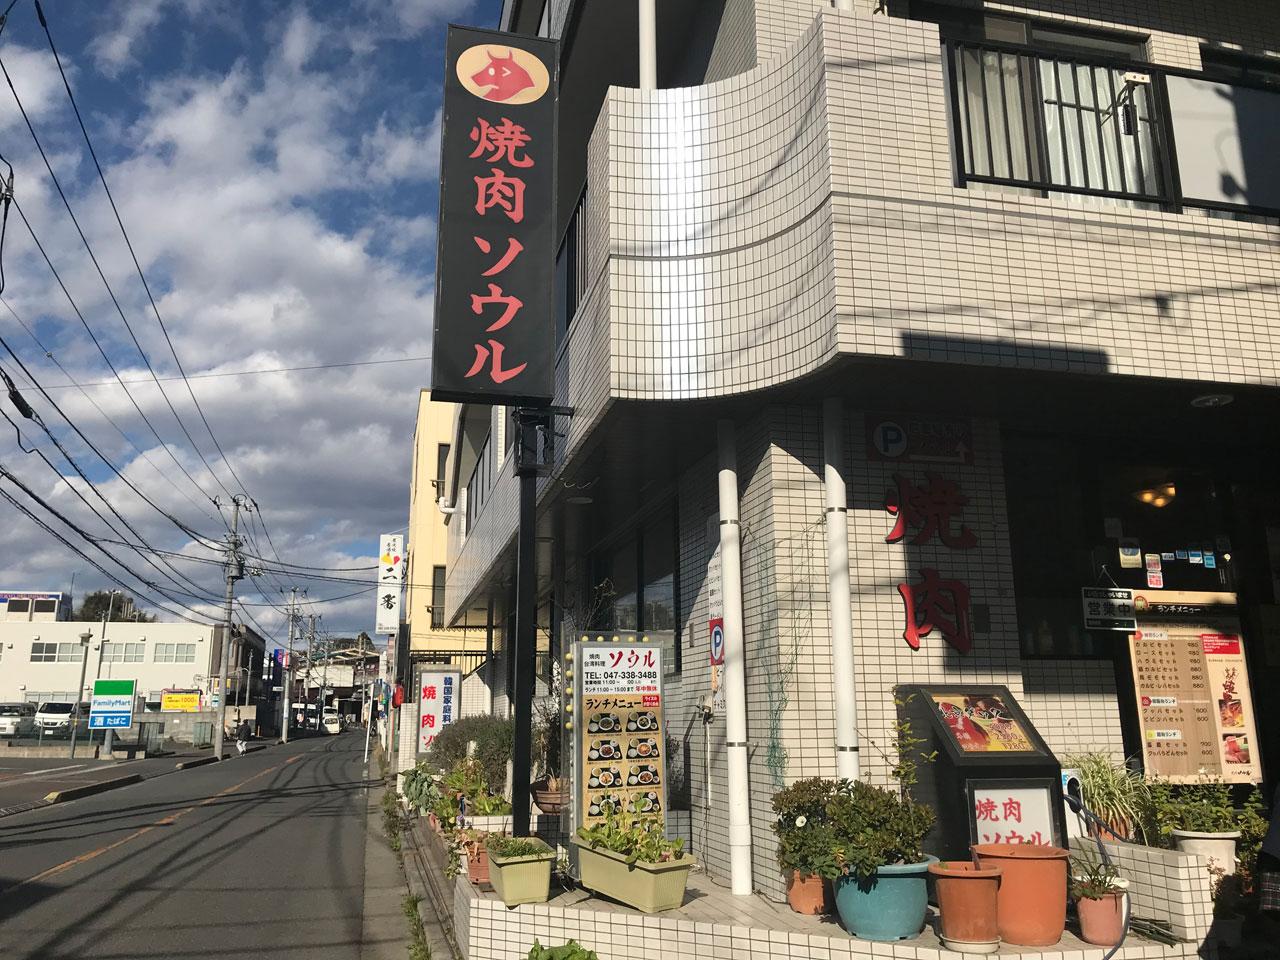 大野駅の焼き肉店ソウル